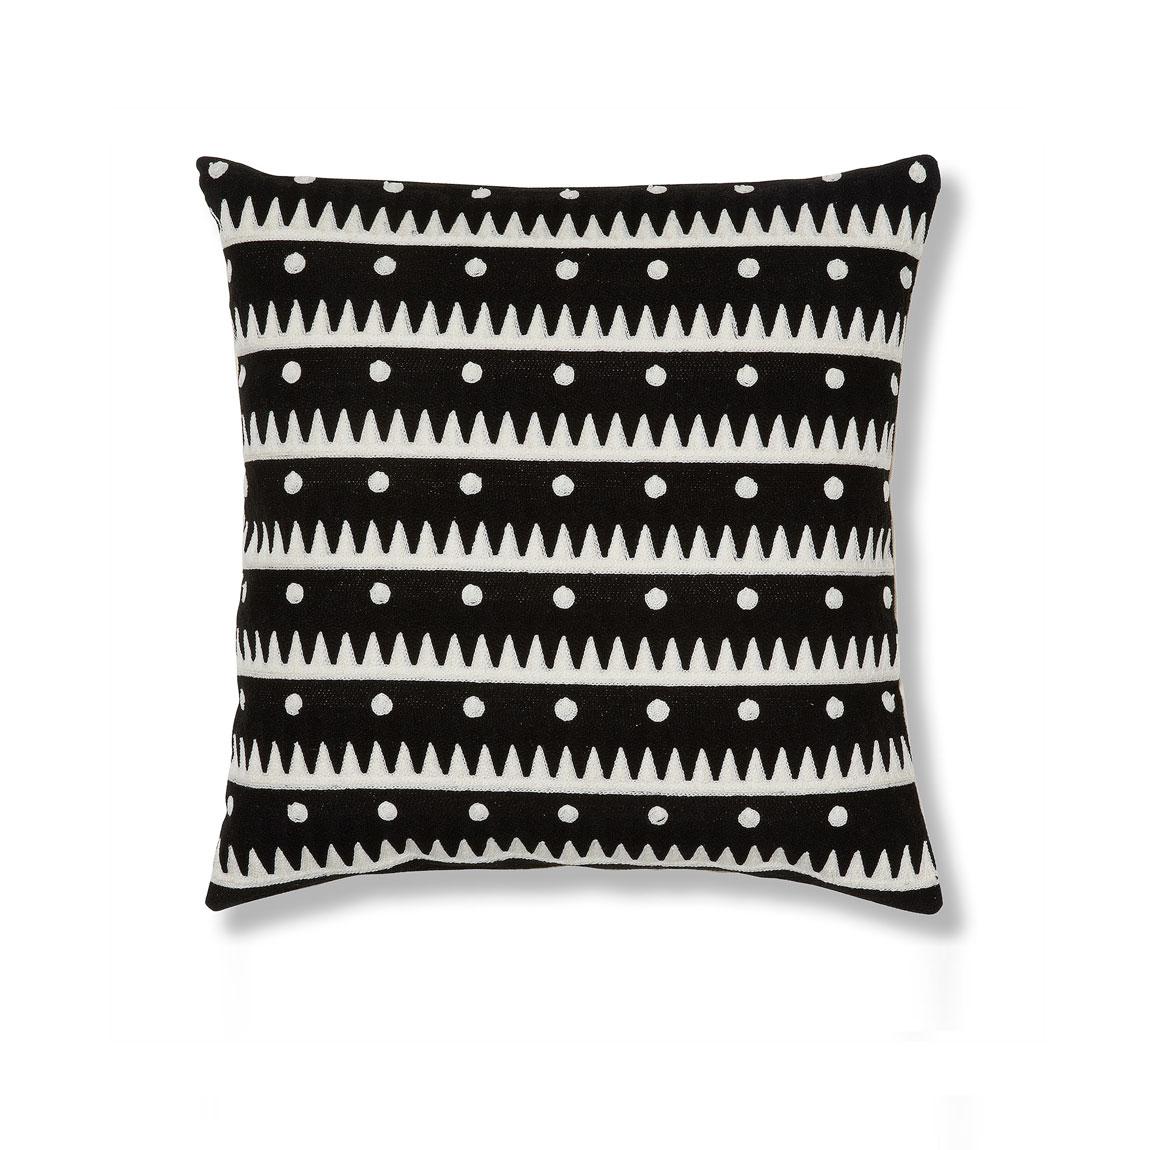 Capa de almofada News, padrão bordado, 45x45